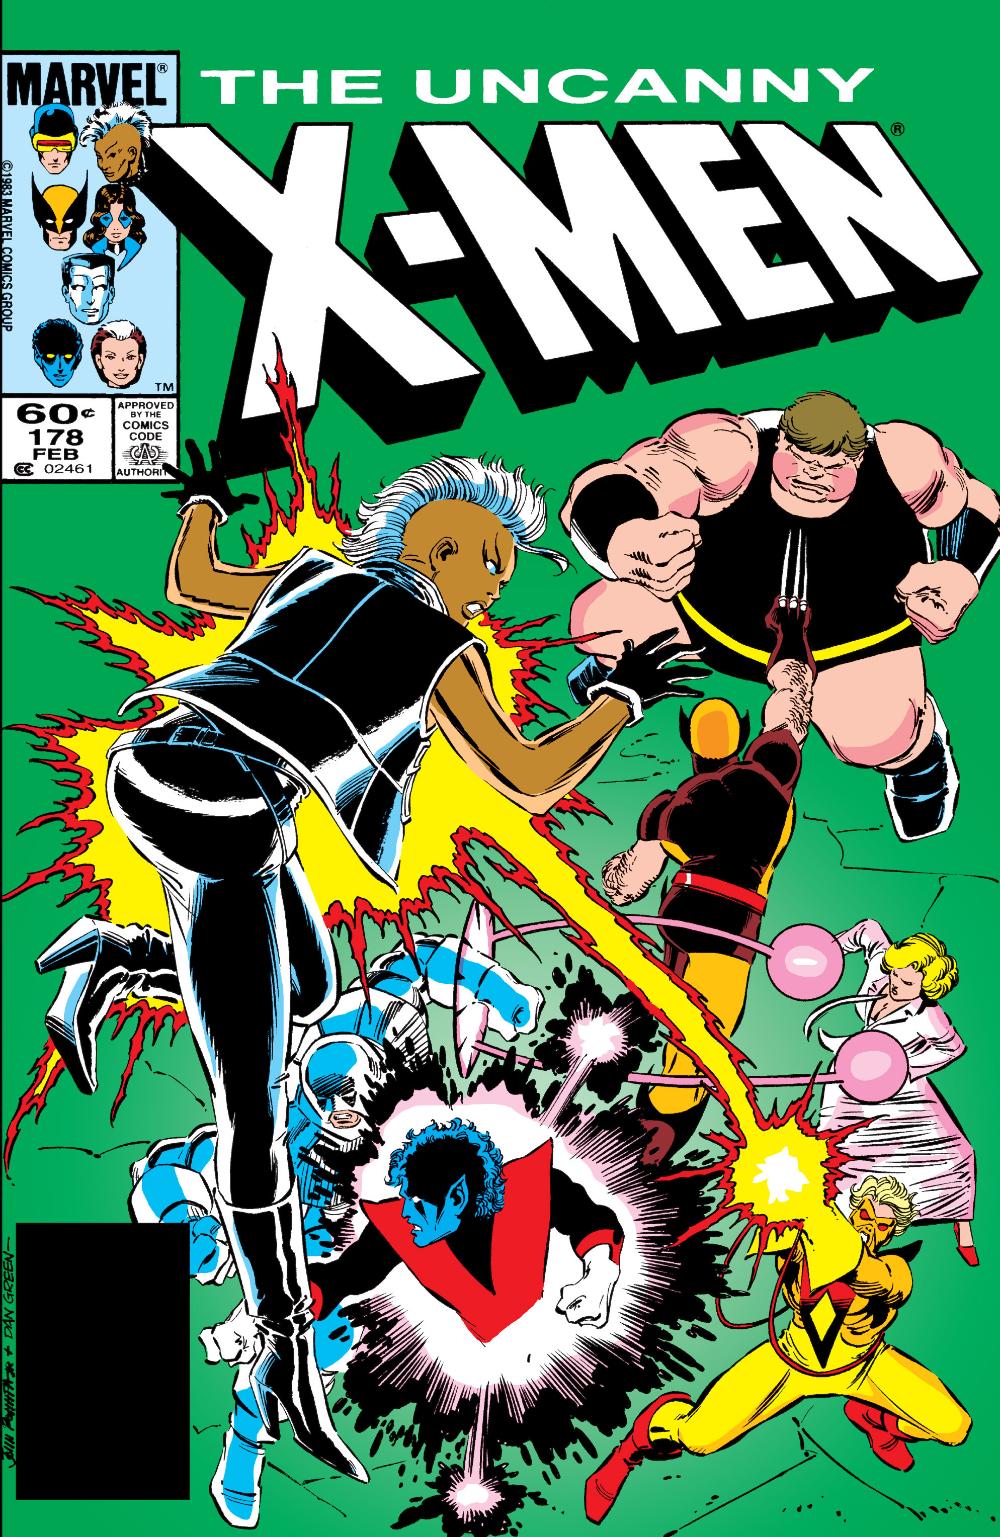 Uncanny X Men 178 February 1984 In 2020 Comics Marvel Comics The Uncanny